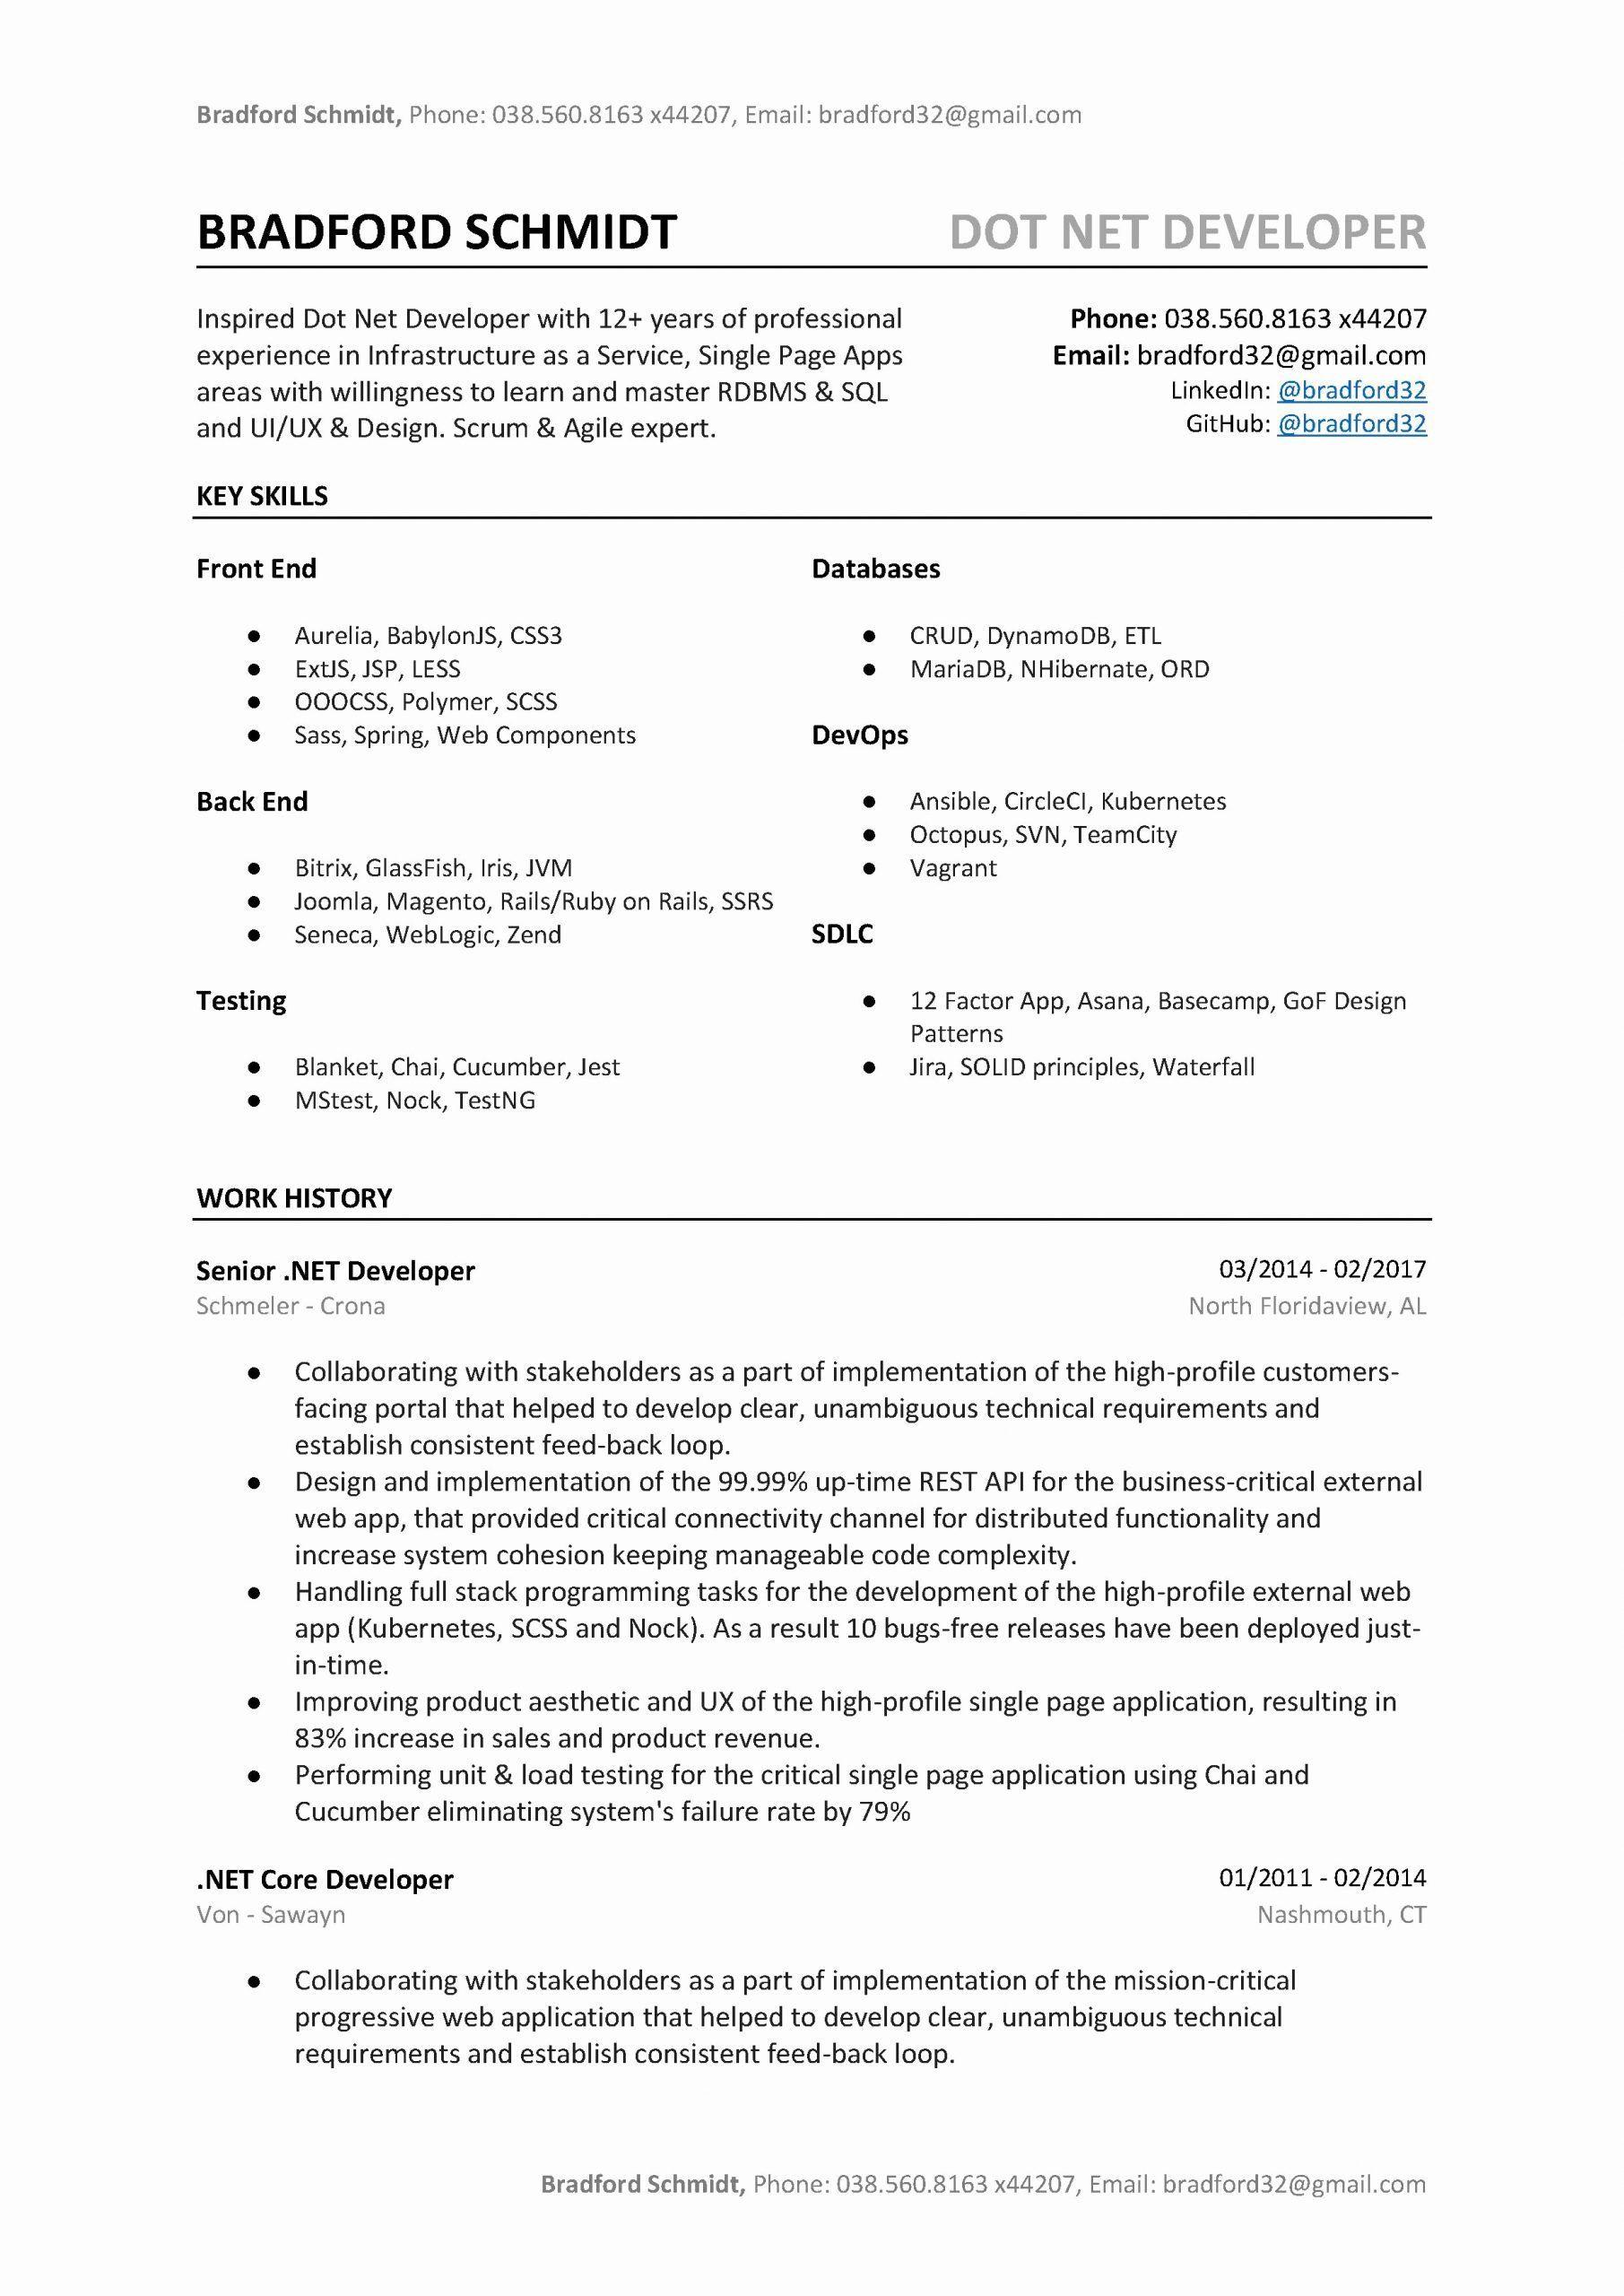 Net Developer Resume Sample Unique Dot Net Developer Resume Sample Template To Download Word Download Resume Free Printable Resume Resume